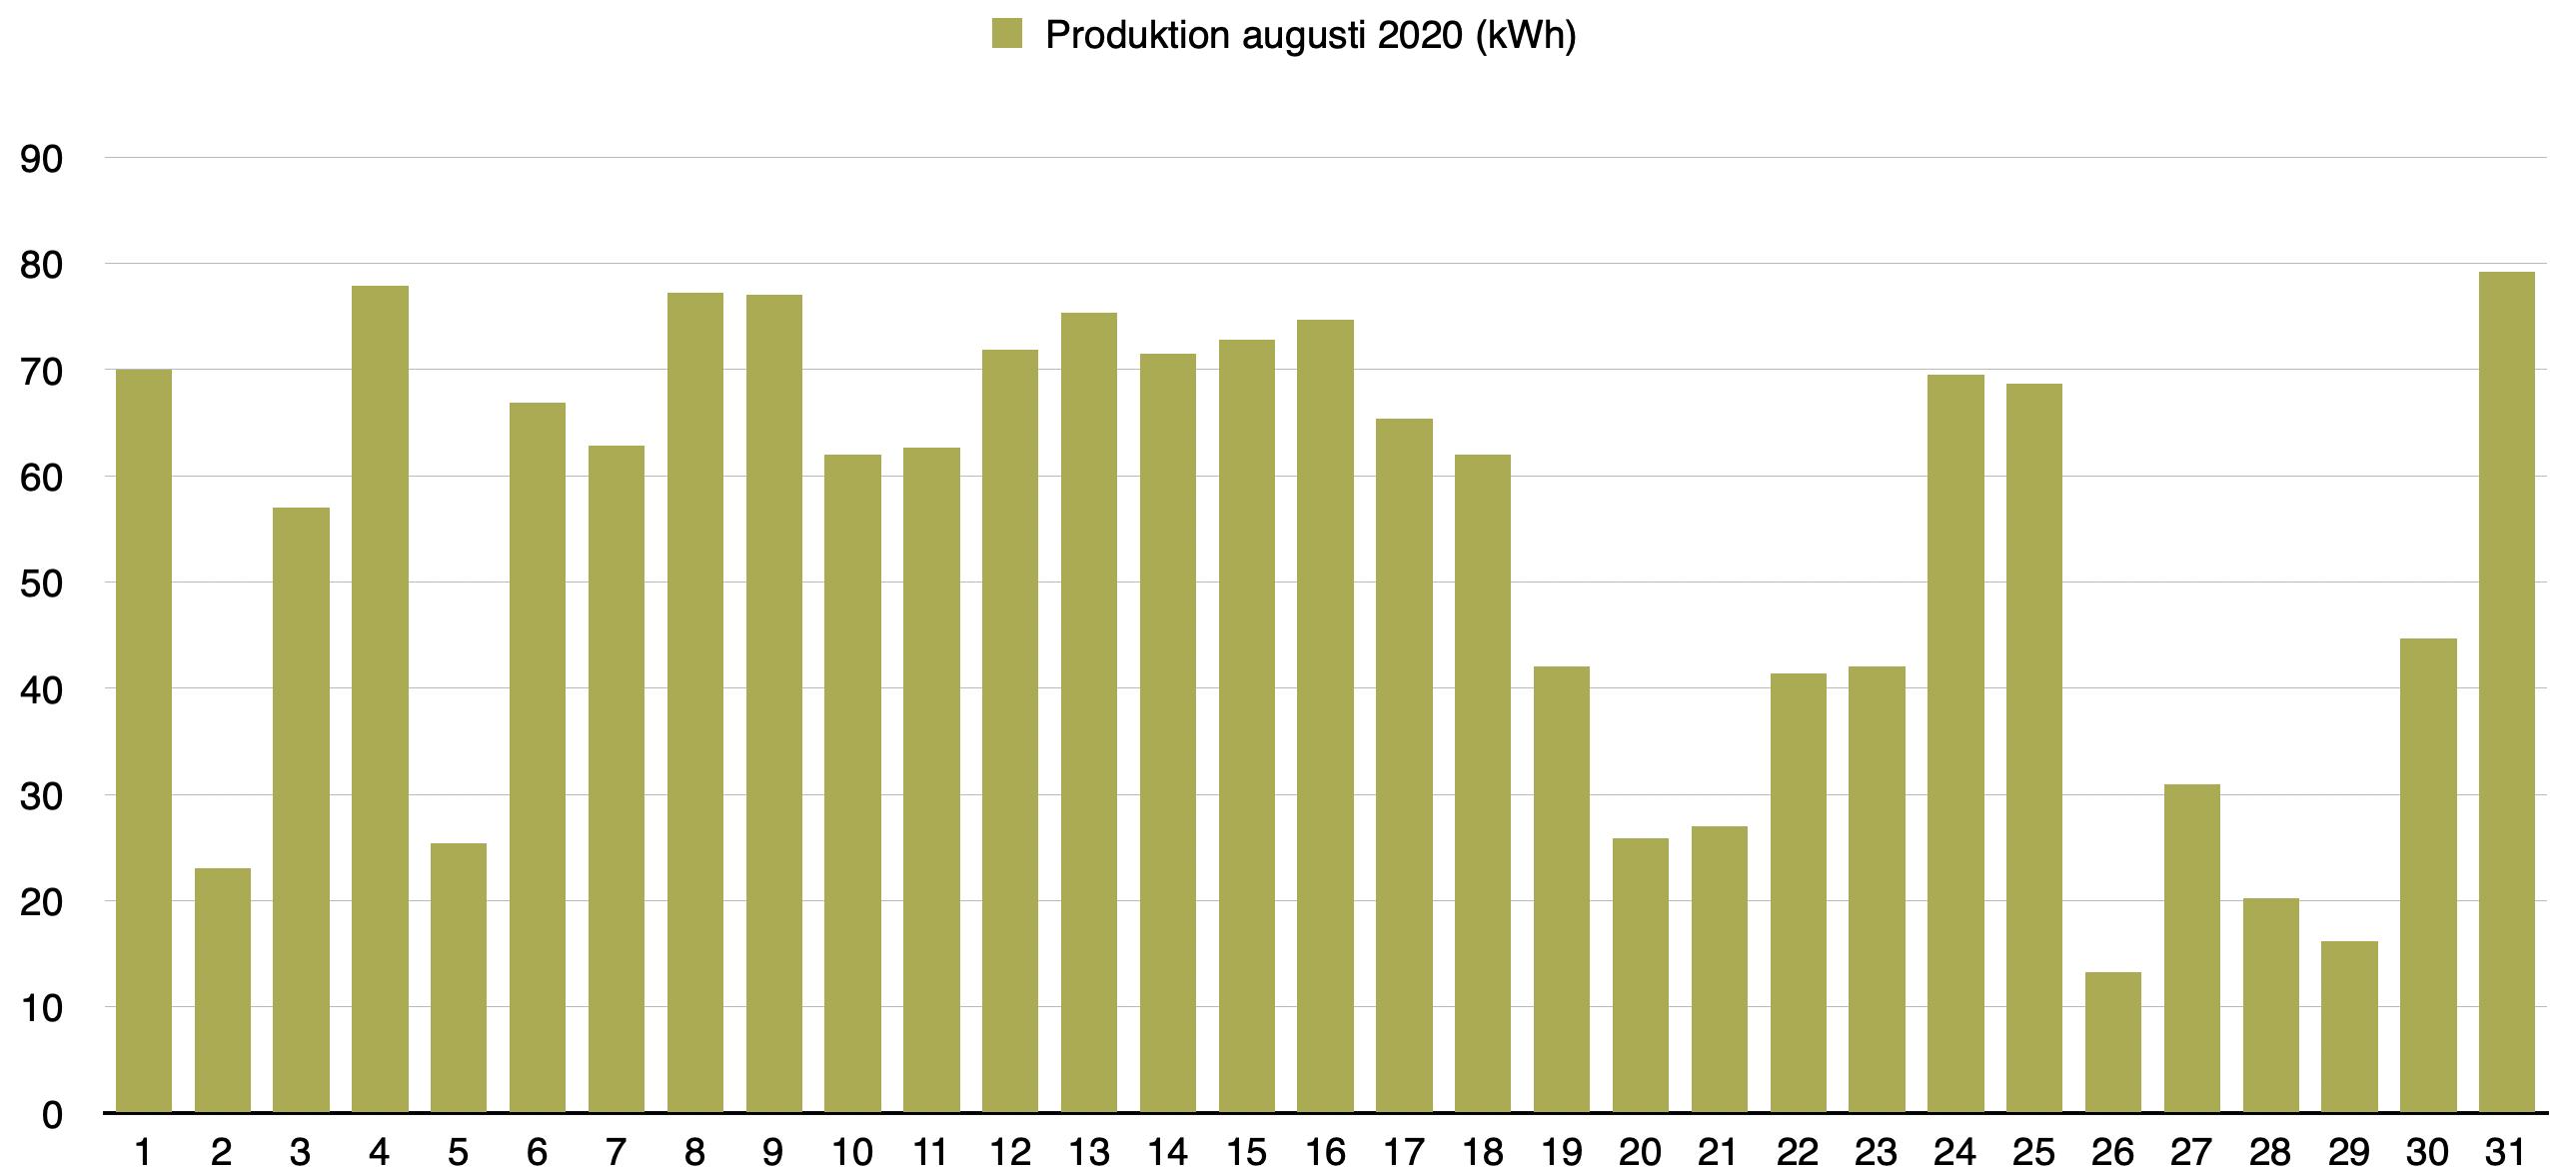 Solceller - Dagsproduktion för augusti 2020